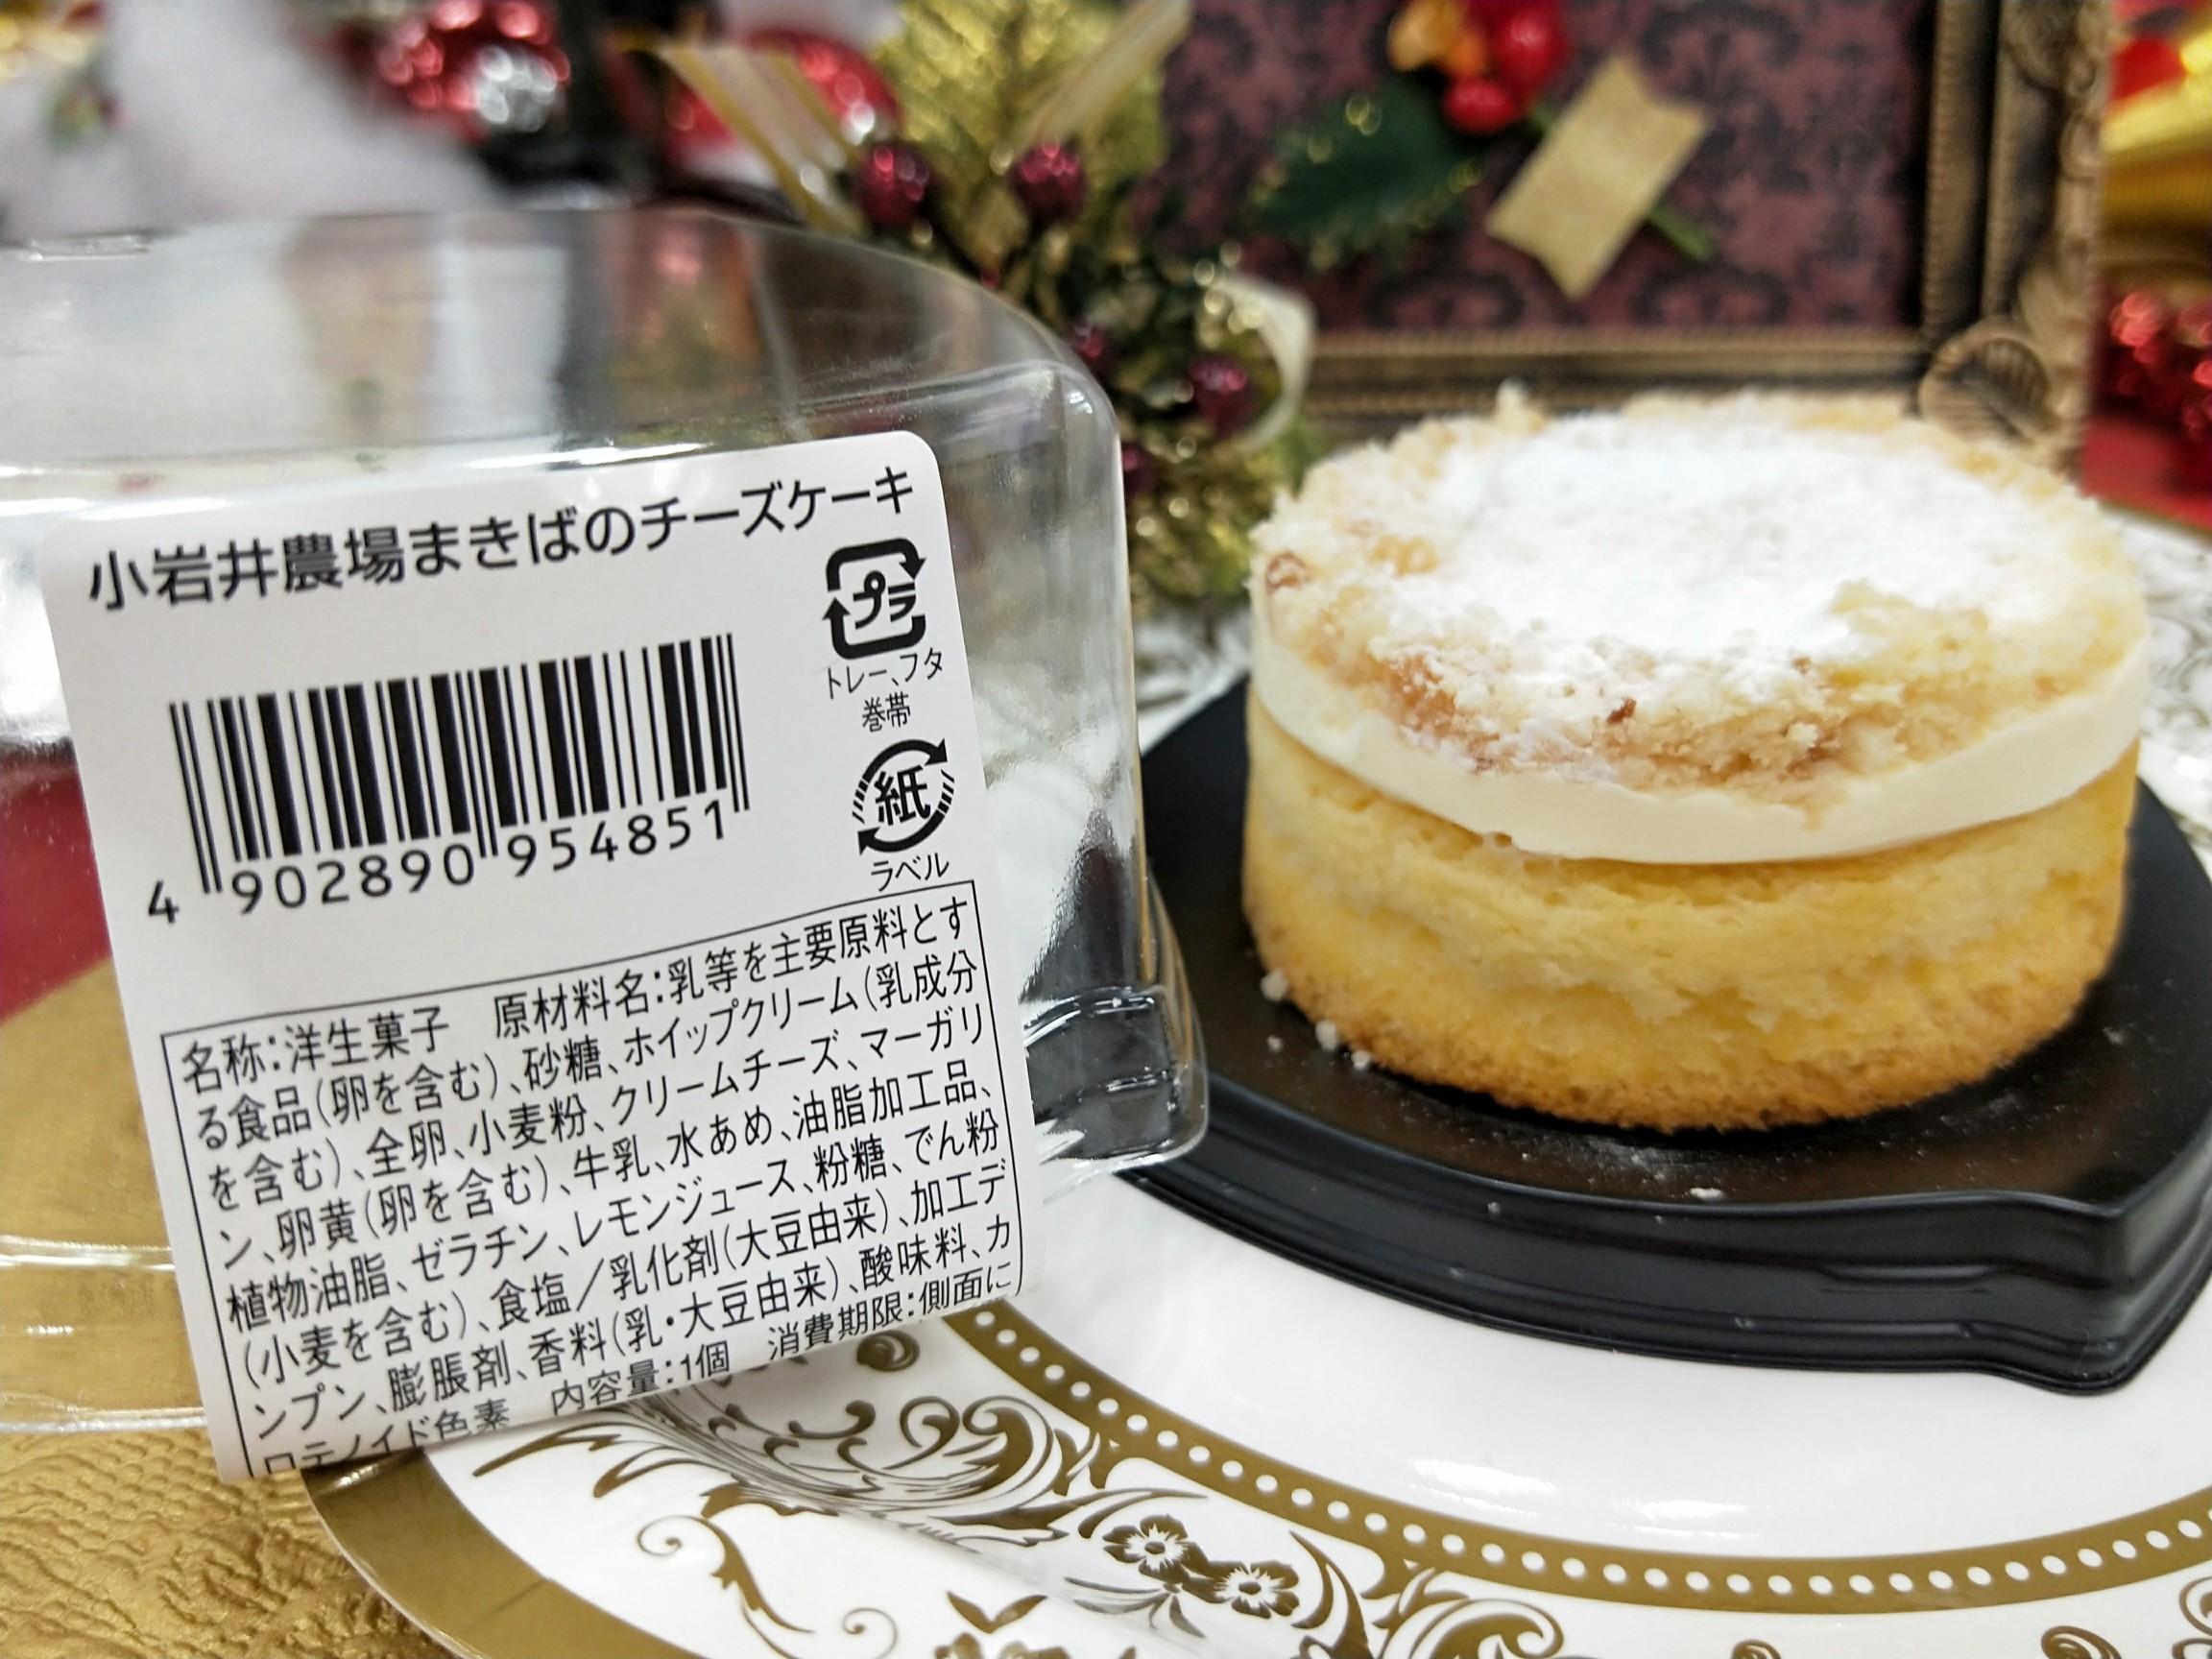 セブンでプチクリパ♡ミッキー&プーさんのケーキや有名ブランドのコラボスイーツに舌鼓_11